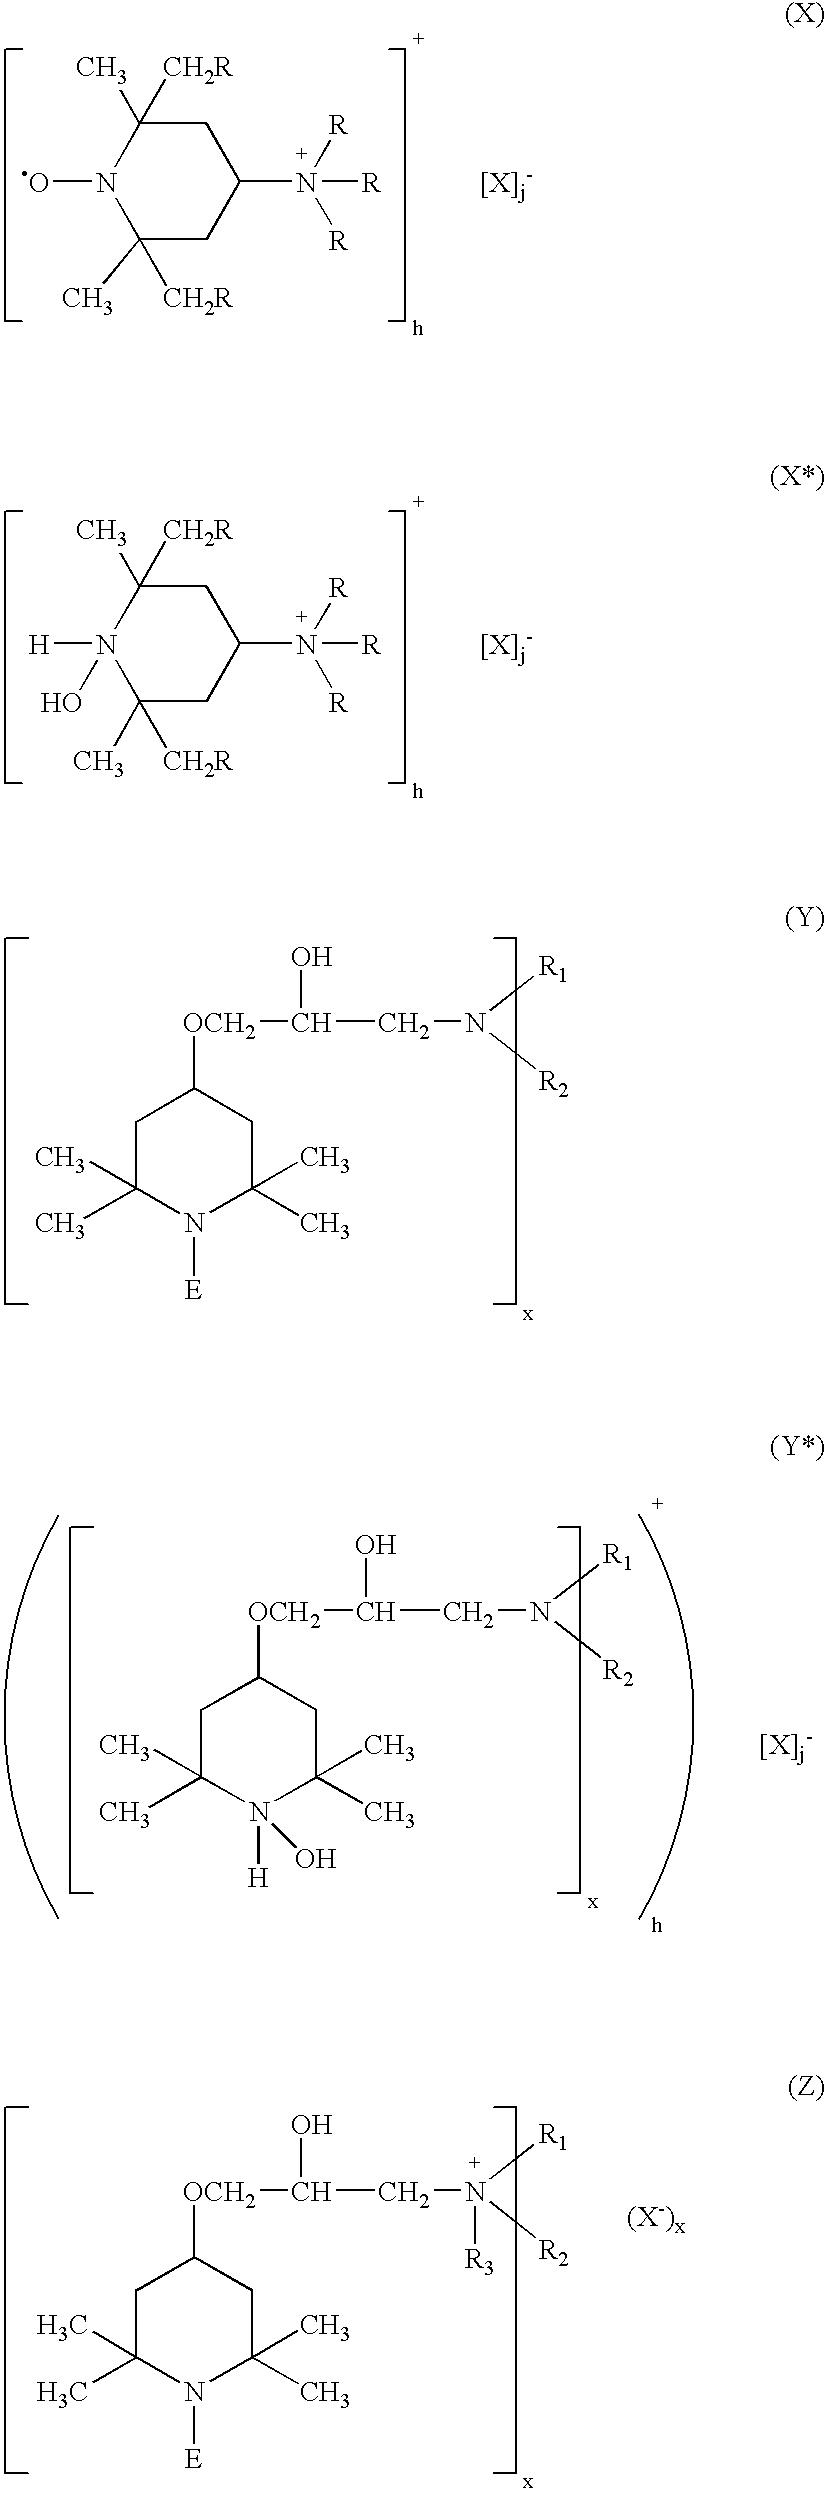 Figure US20040074417A1-20040422-C00010